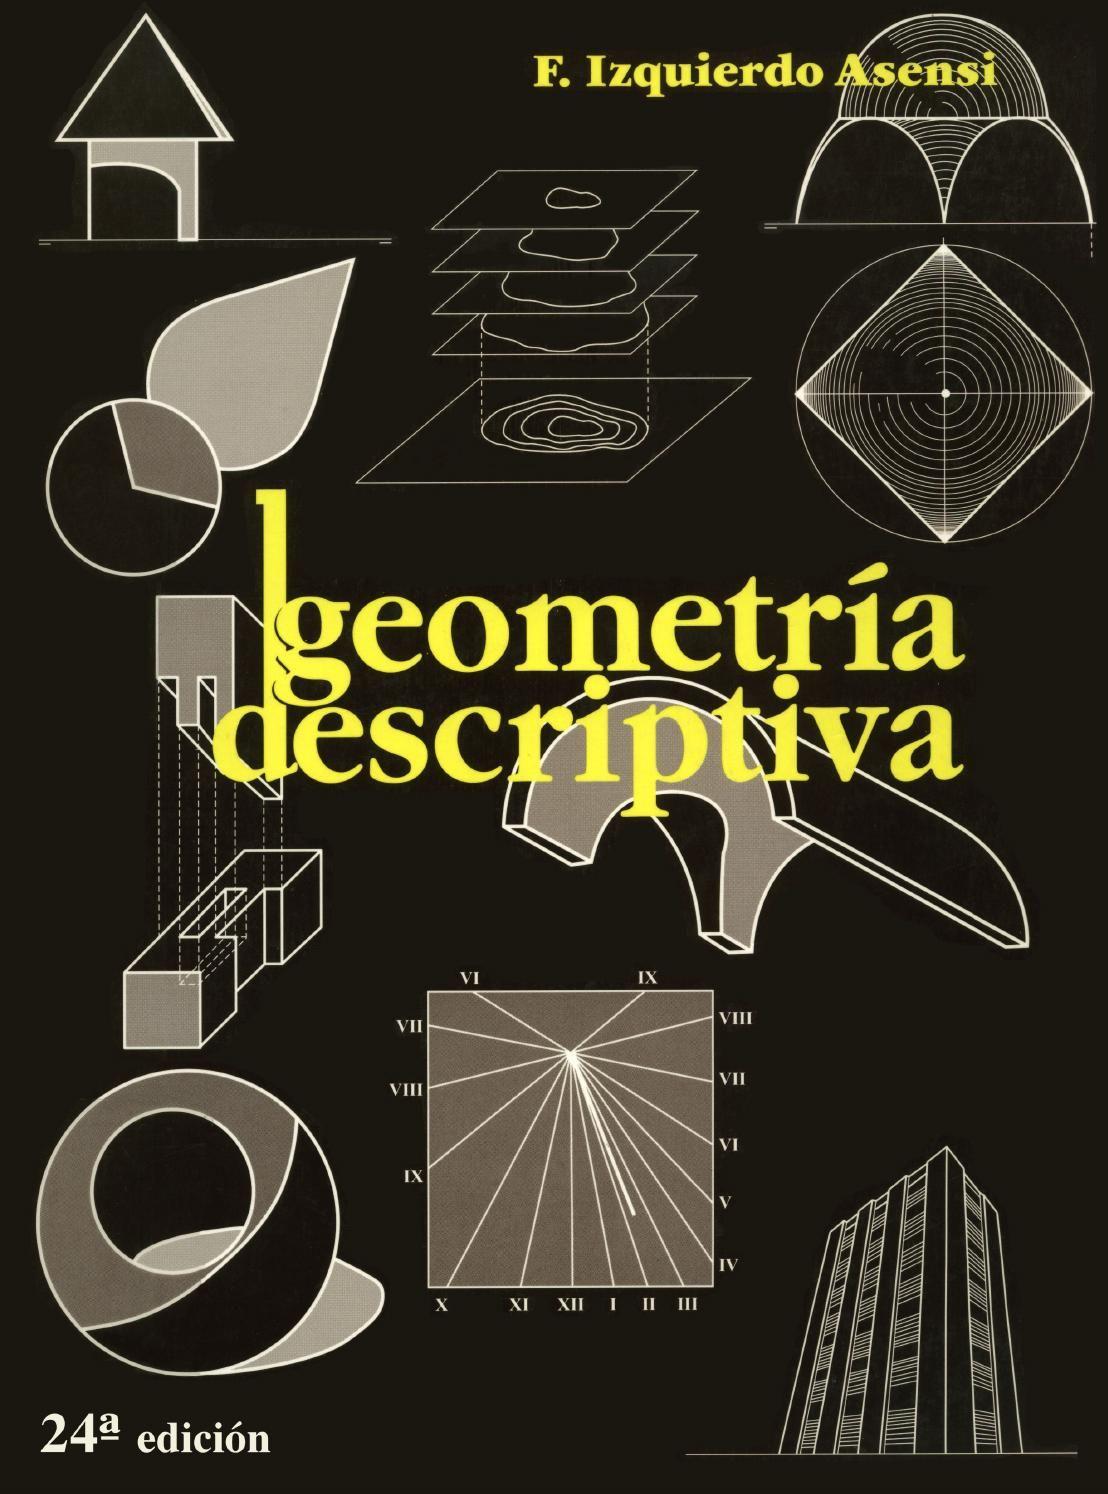 Geometria Descriptiva 24va Edicion Fernando Izquierdo Asensi Libros De Diseno Grafico Geometria Descriptiva Consejos De Diseno Grafico